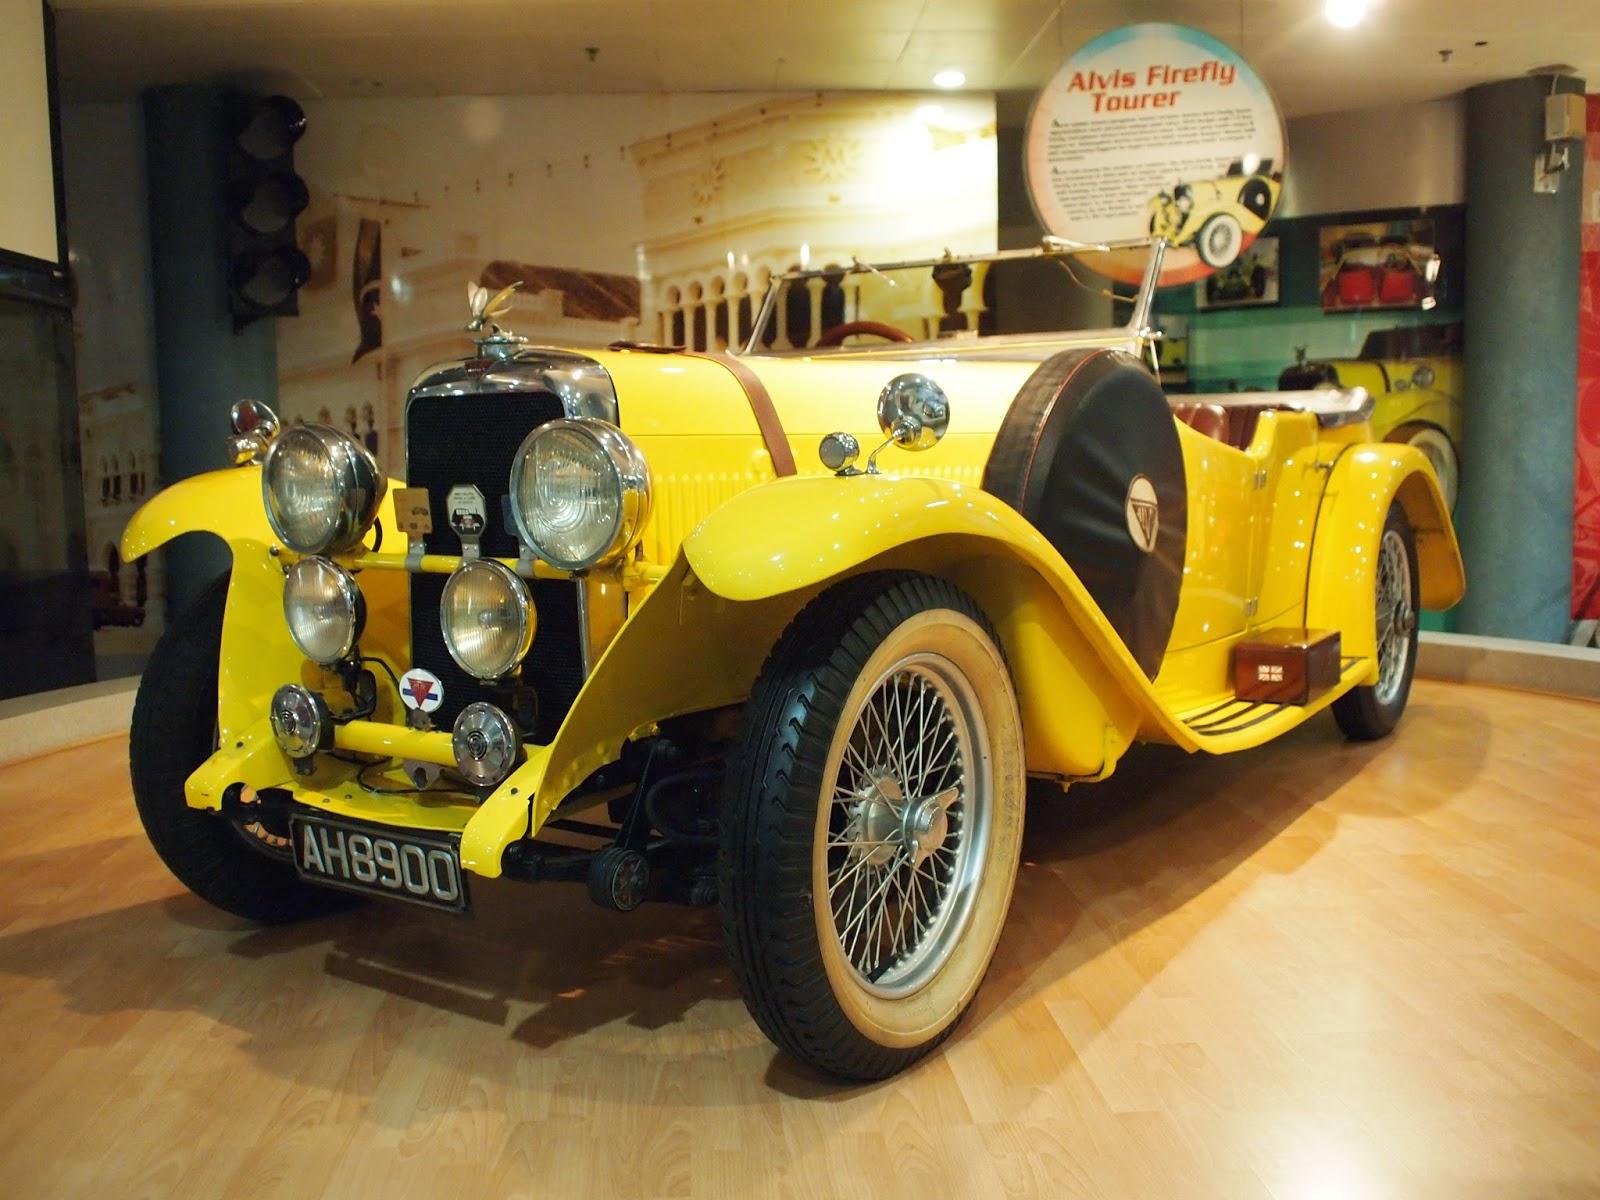 Muzium Automobil Nasional - Alvis Firefly Tourer